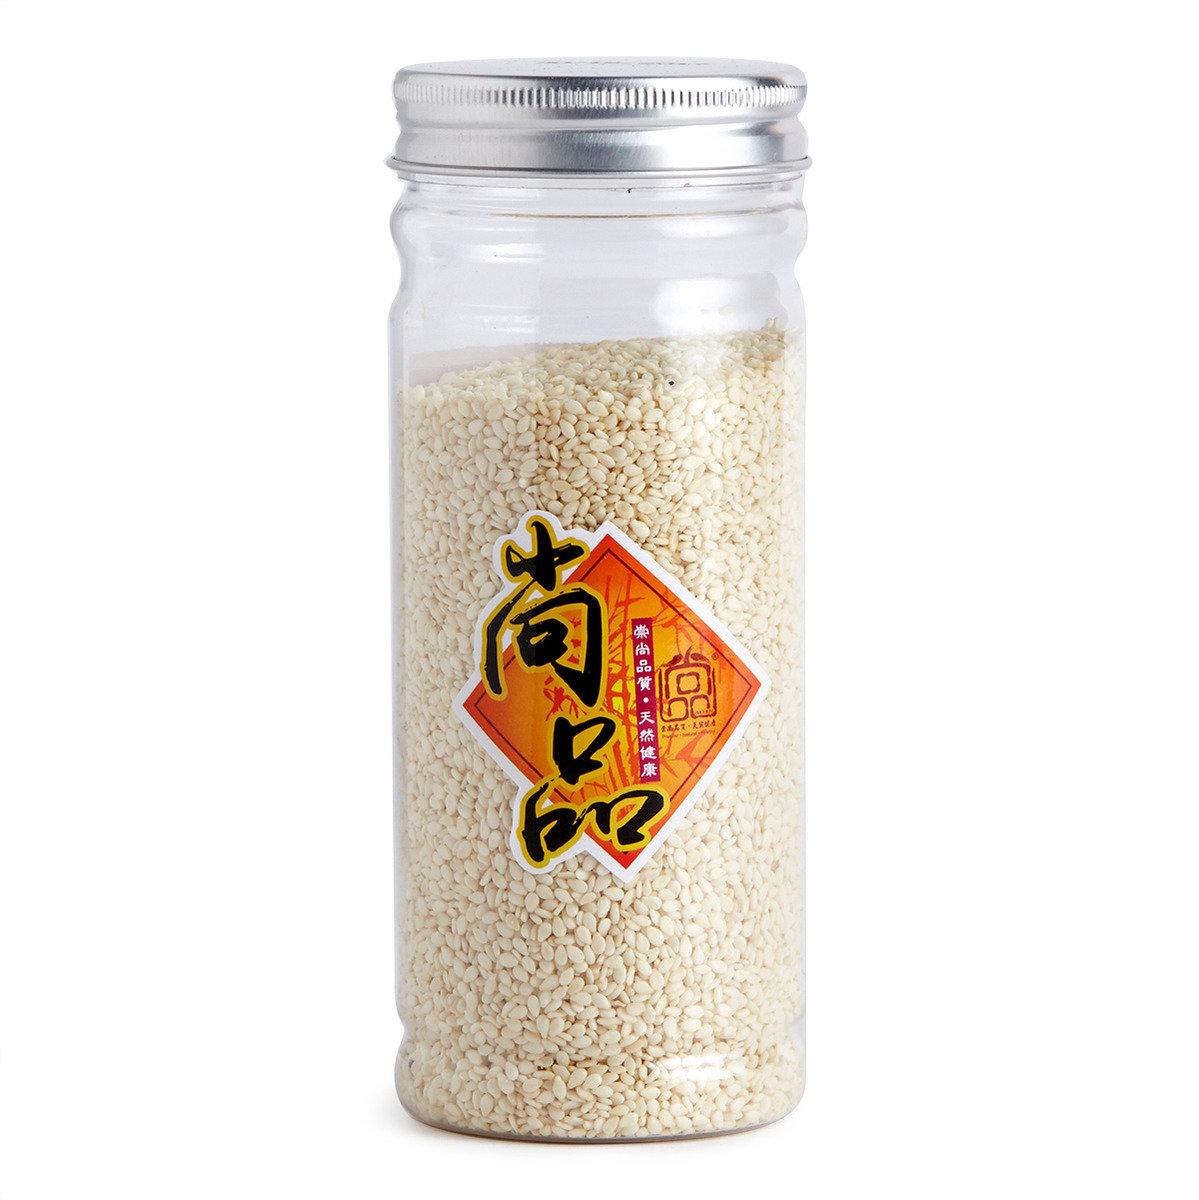 白芝麻(160g/樽)